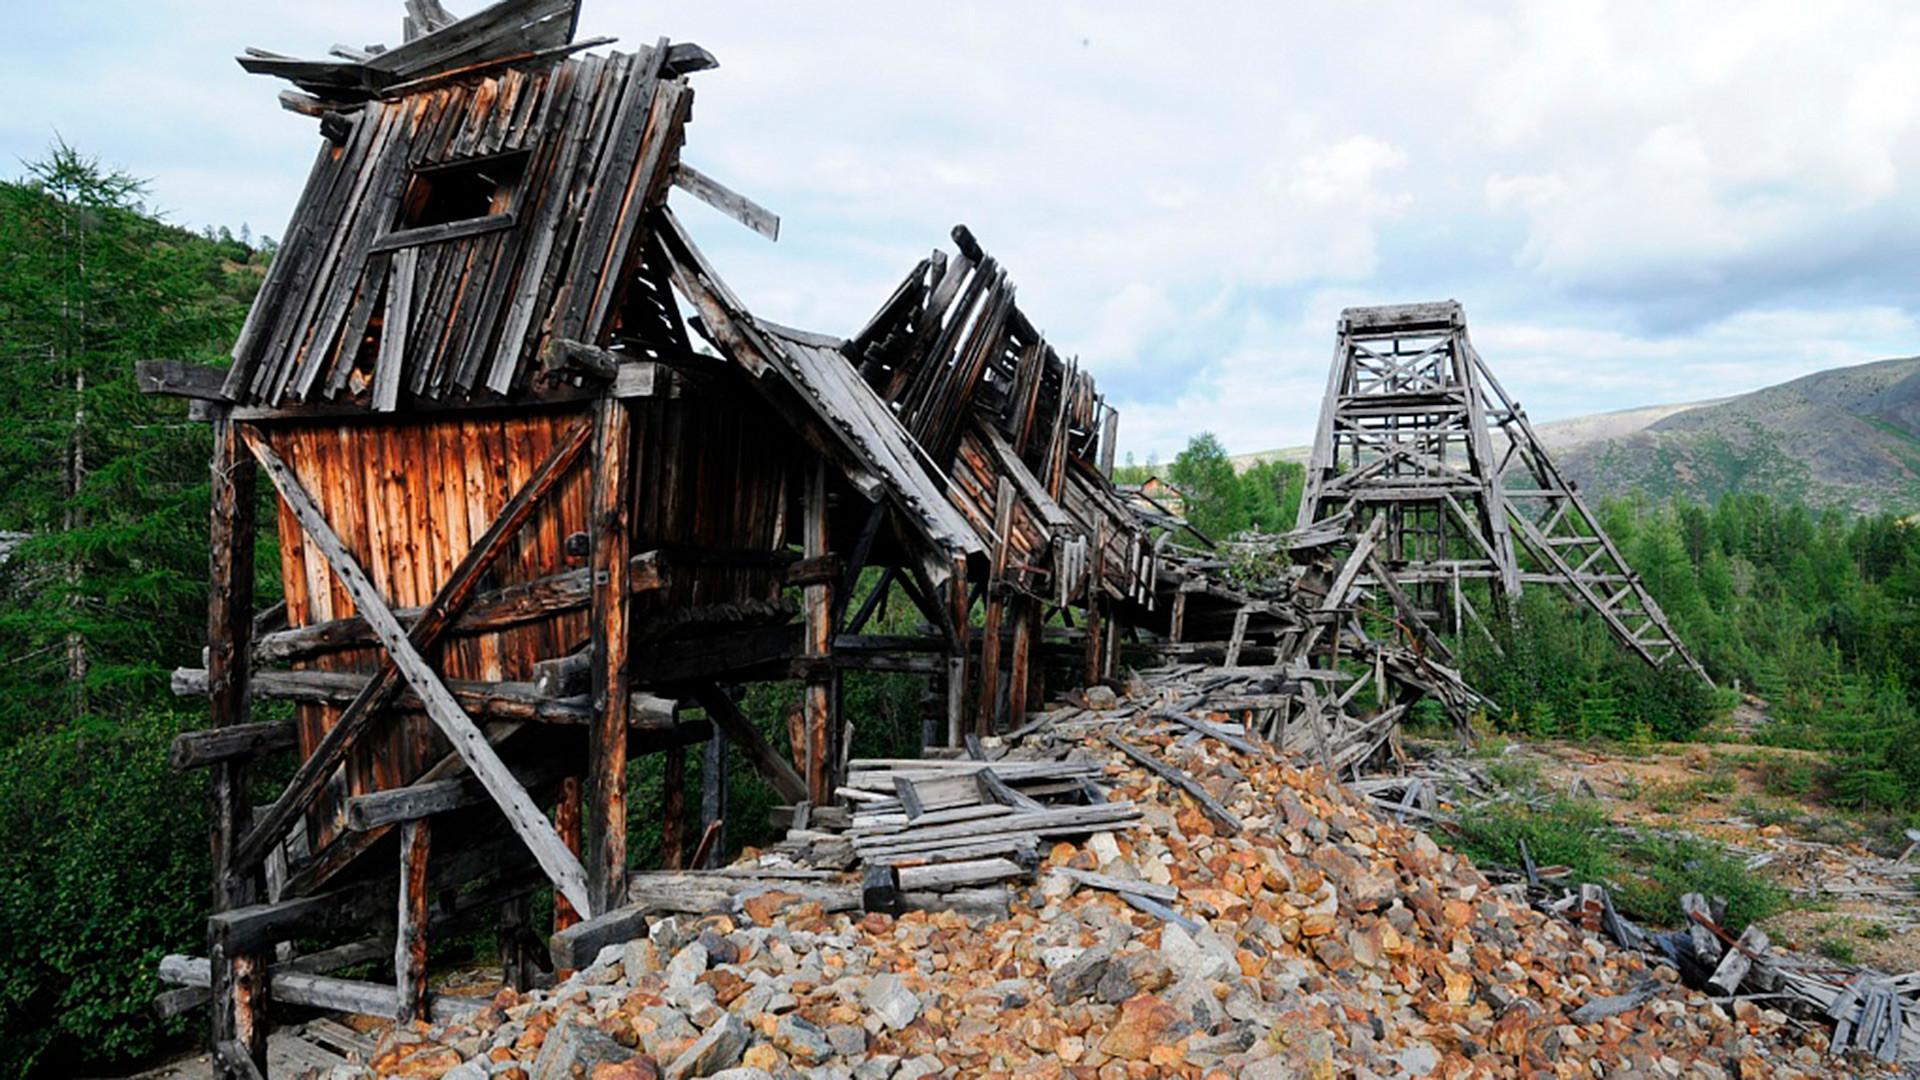 Das Lager Dneprowski in der Region Magadan